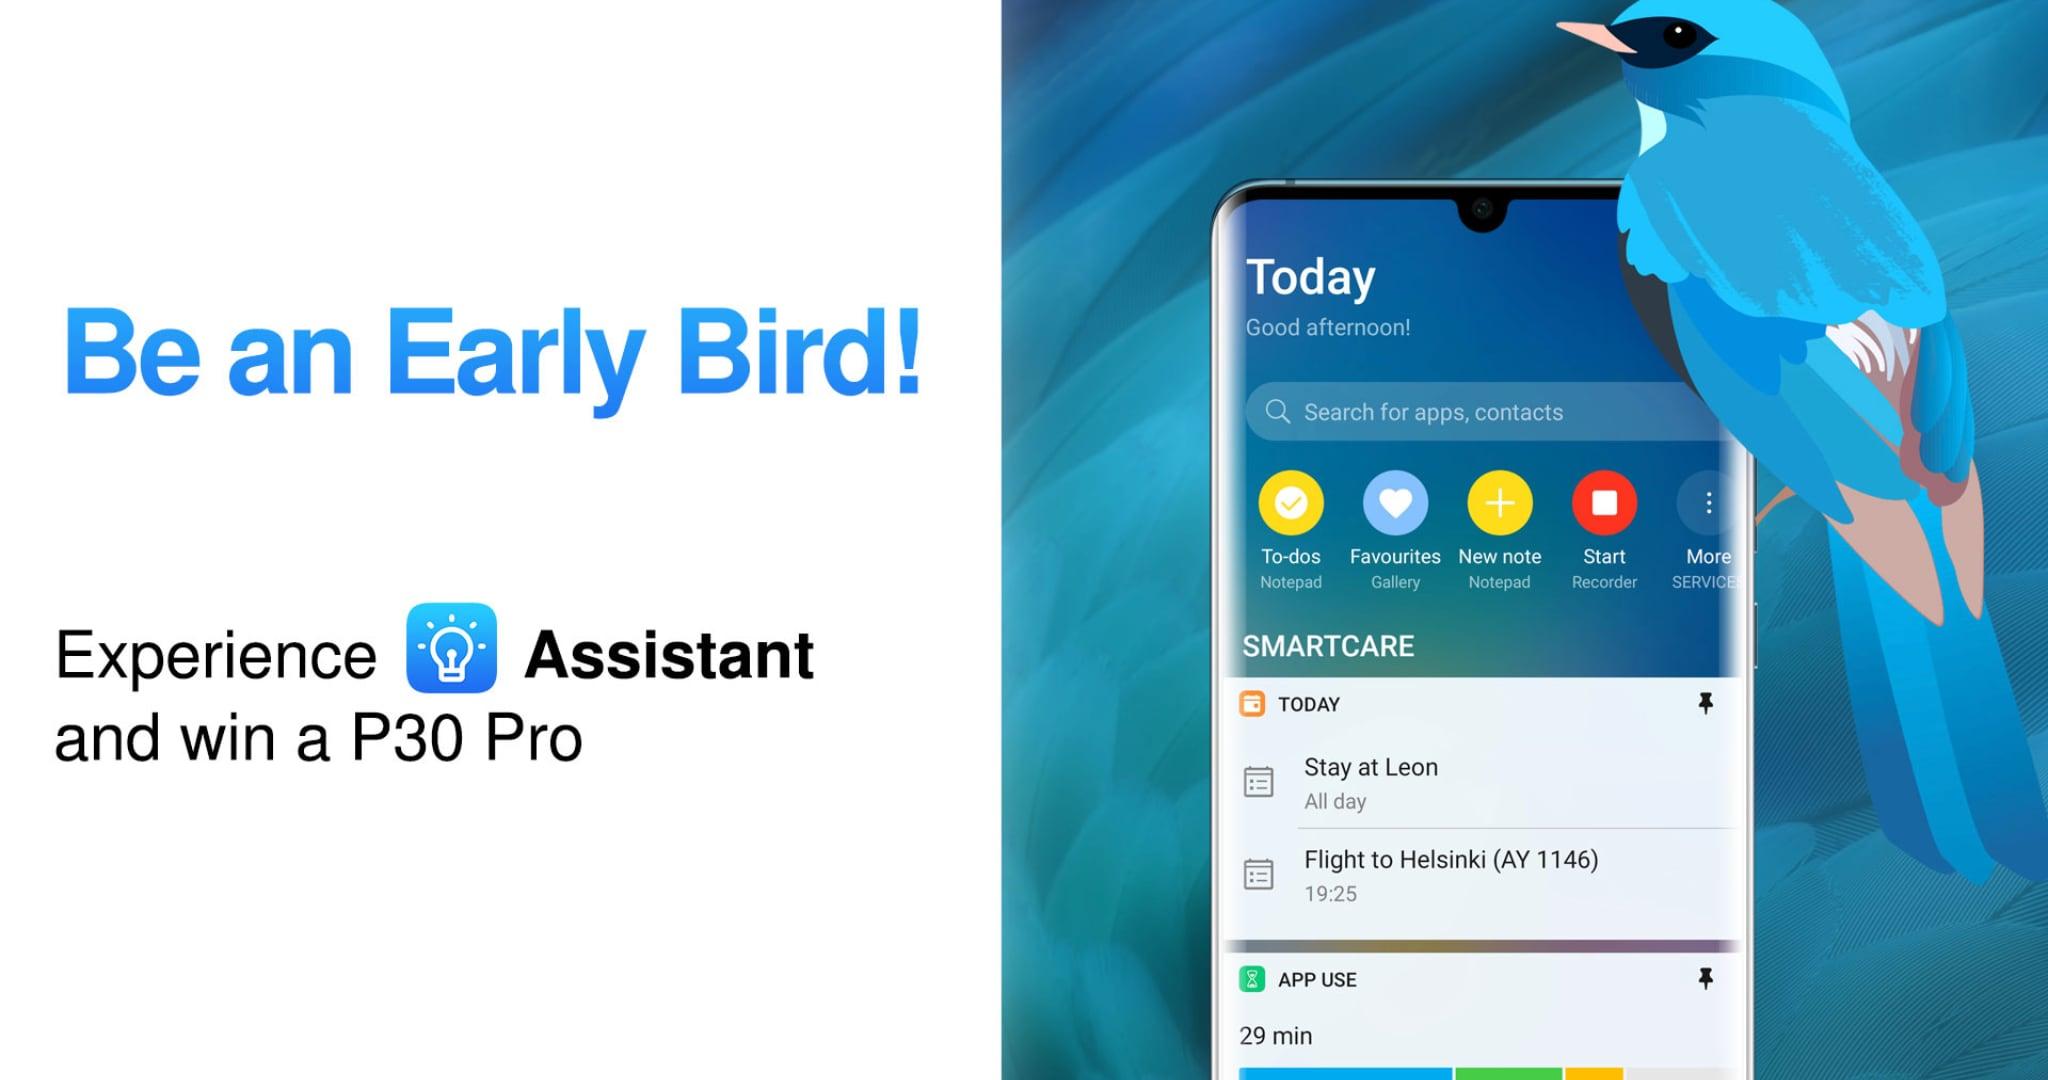 Huawei lancia la sfida a Google Assistant grazie al suo... Assistant. Potete provarlo subito, ecco come (aggiornato)